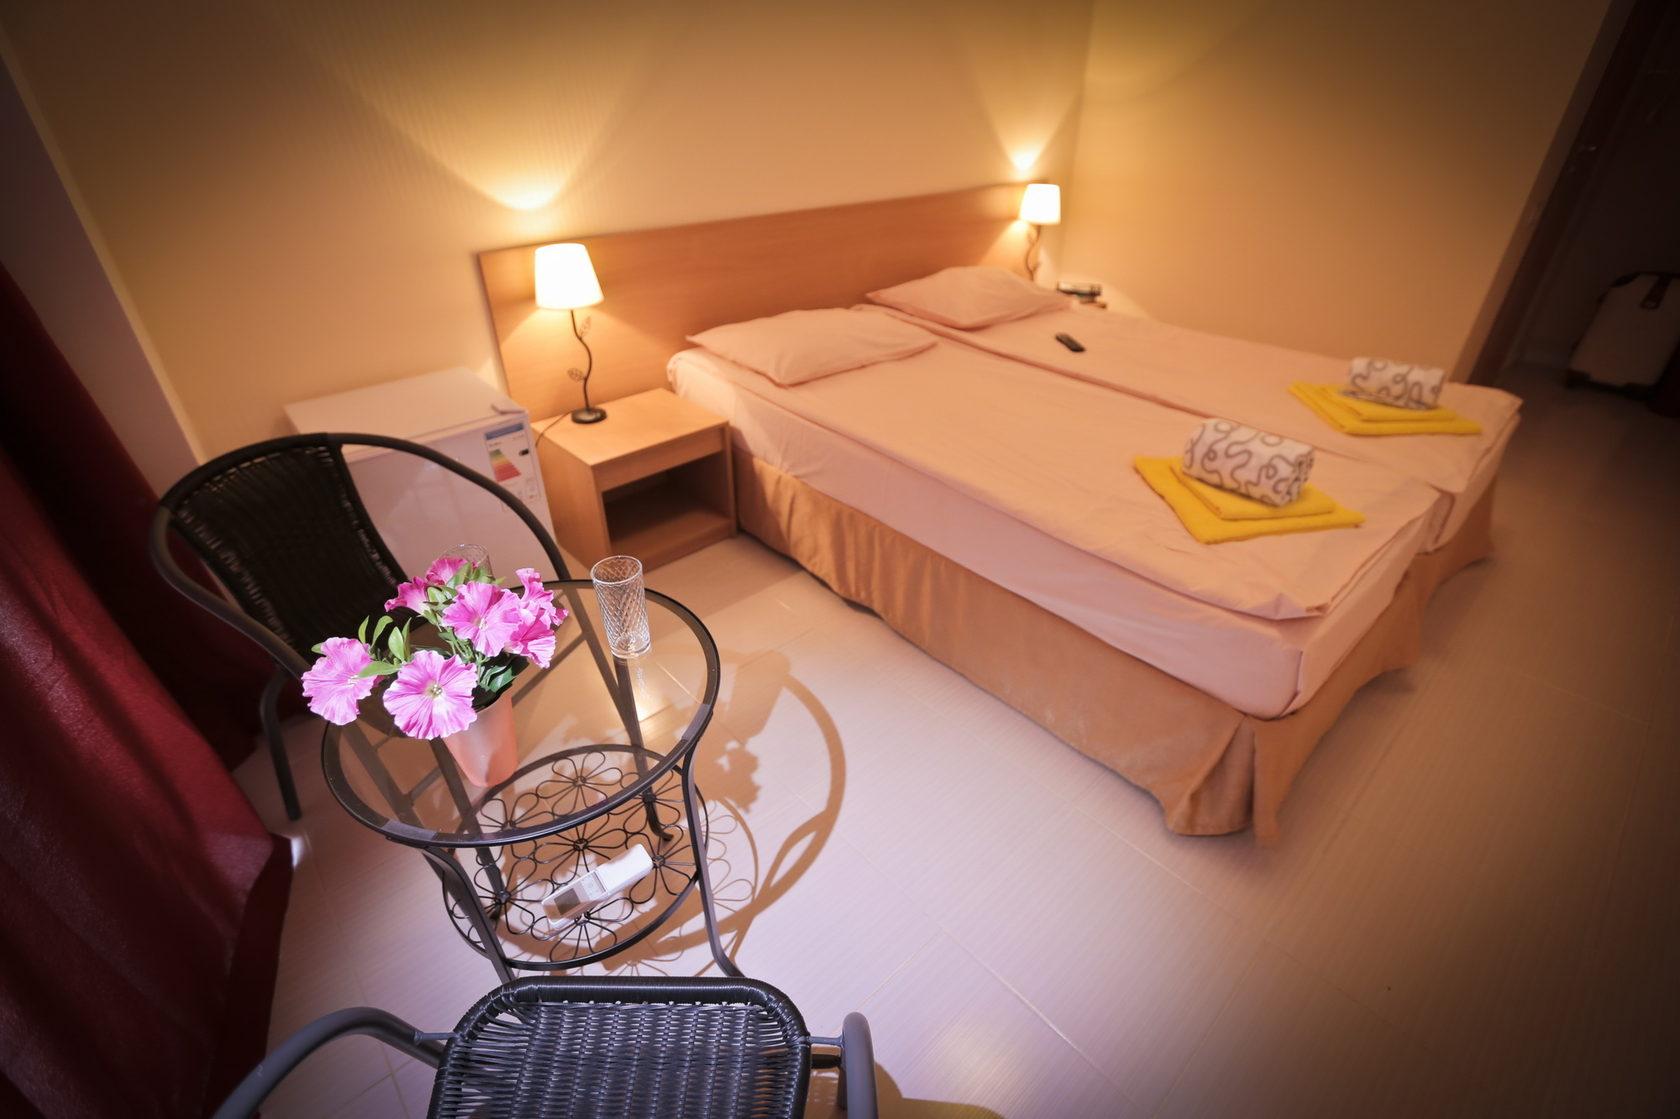 Мебель в двухместном номере Стандарт в отеле Марсель, Лермонтово